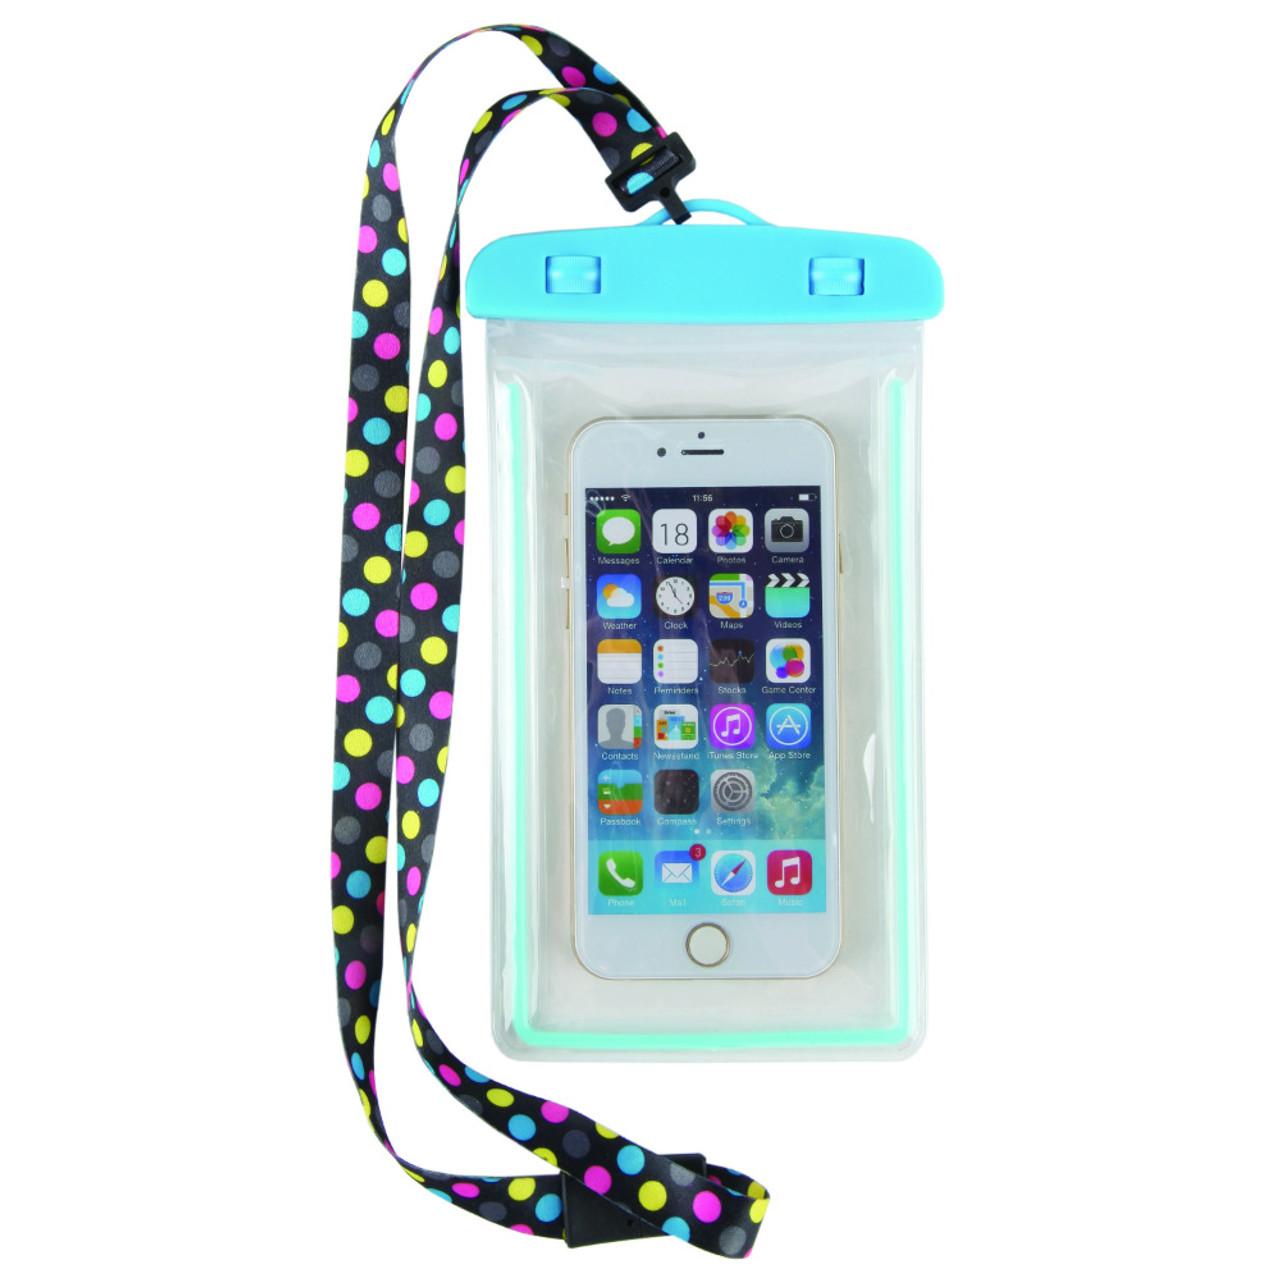 buy online 0969a 83e0c Aqua Dot Waterproof Phone Case Lanyard